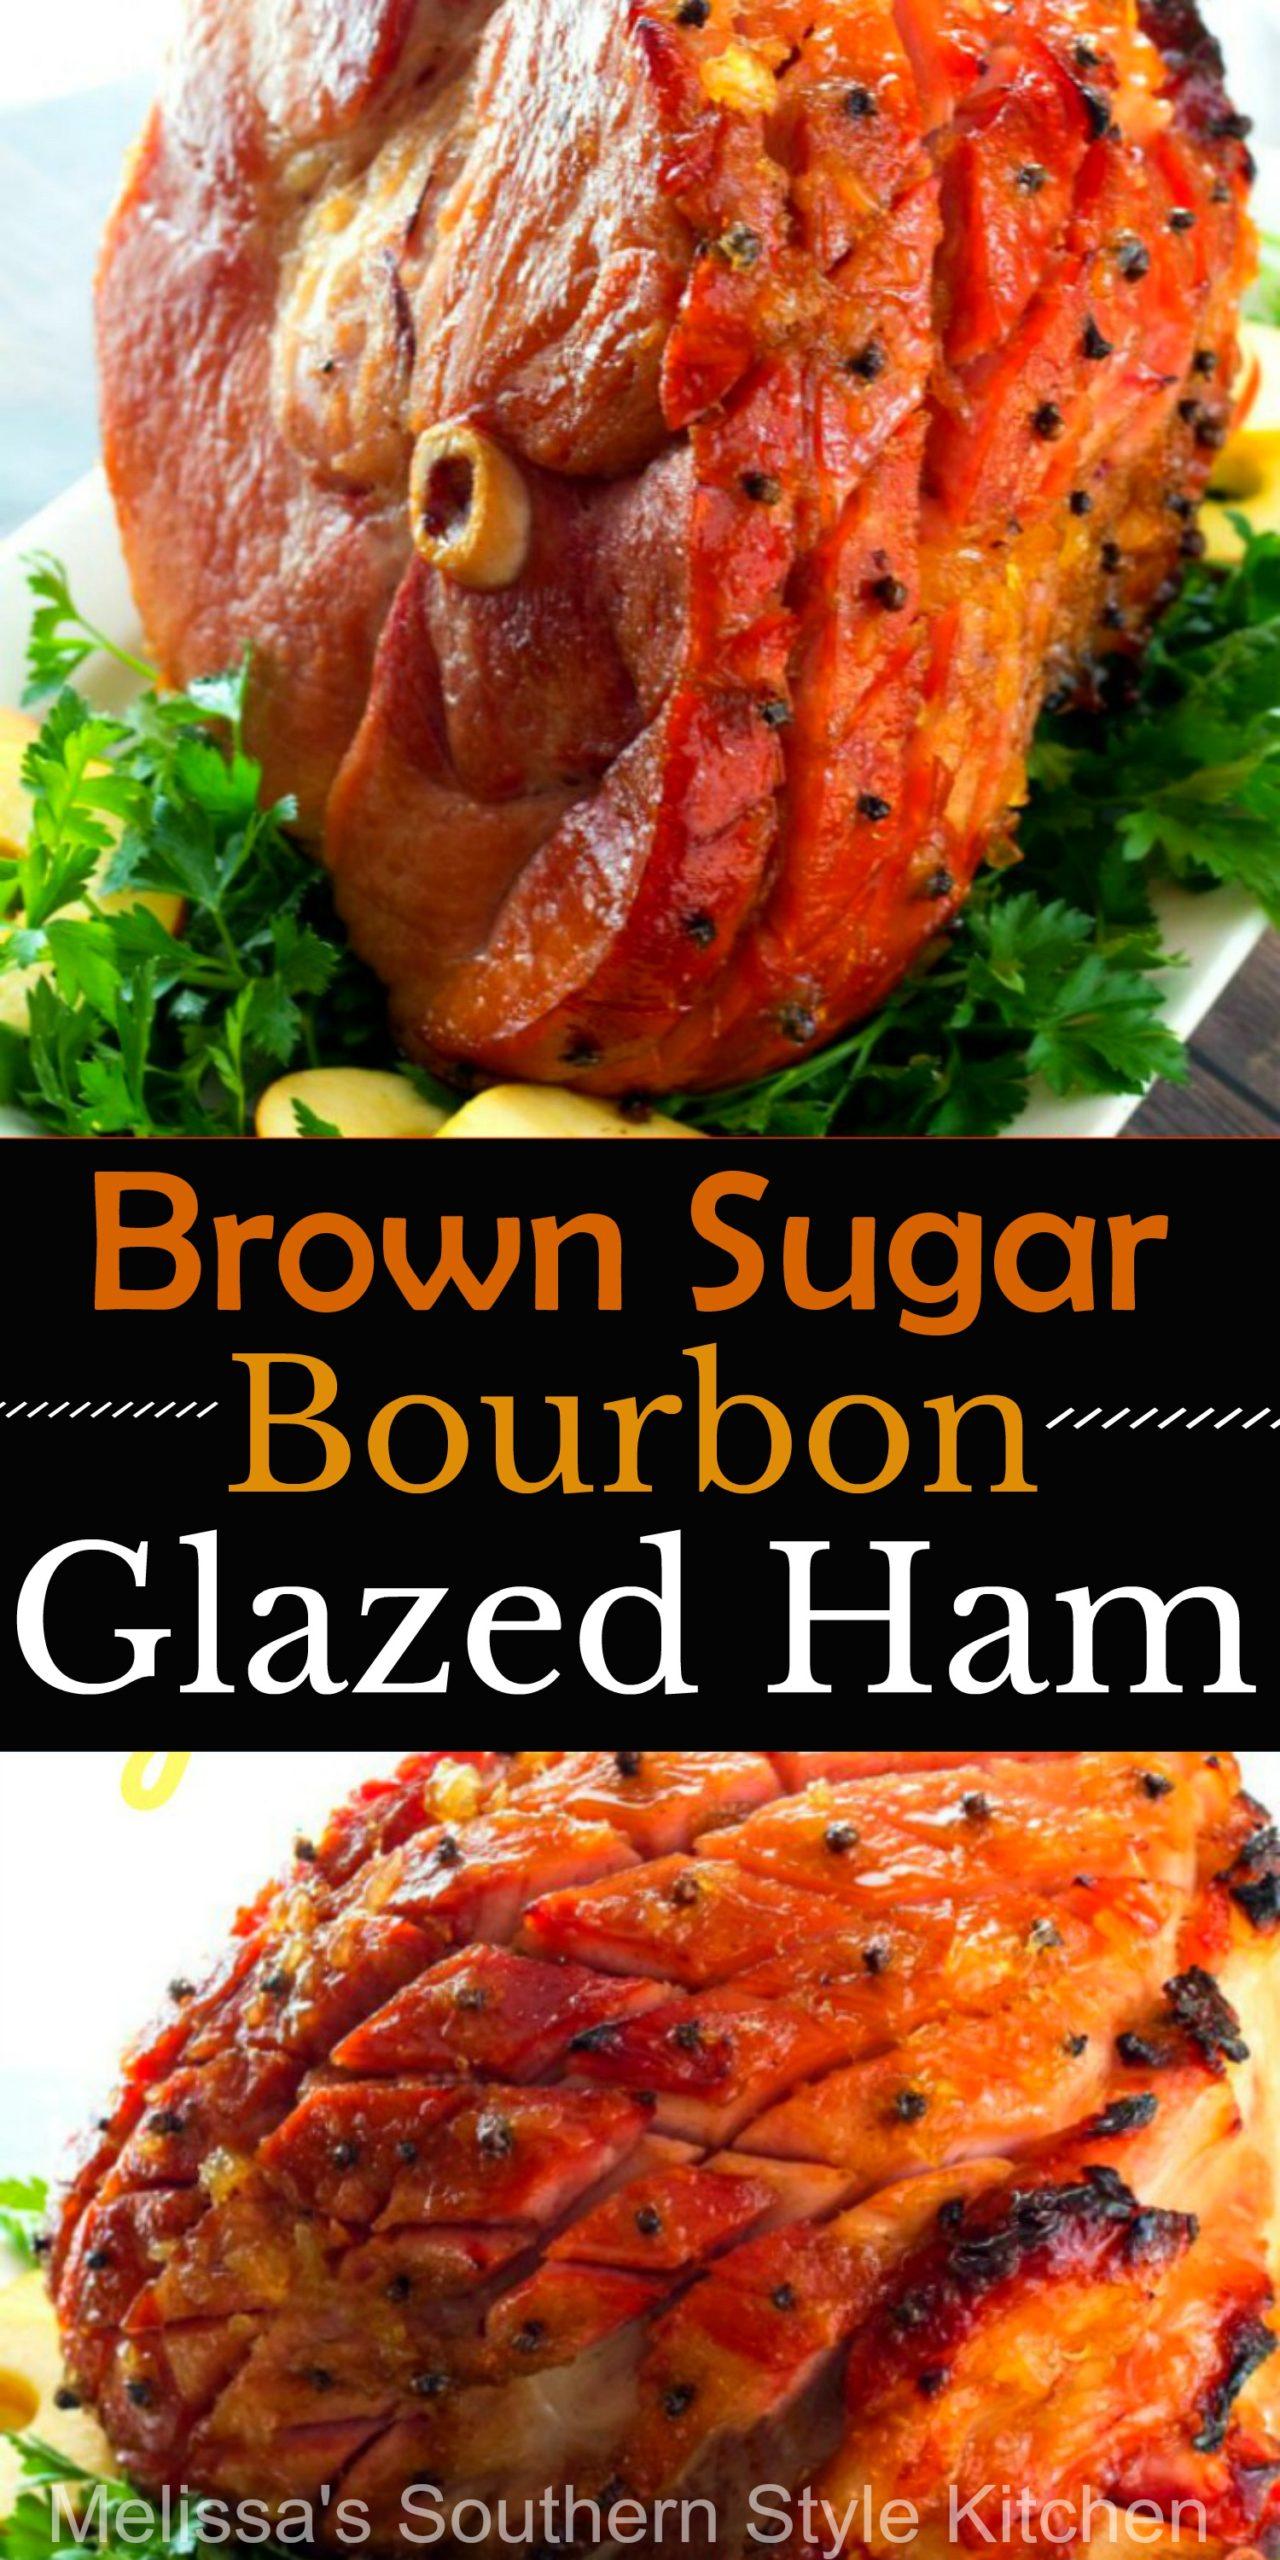 Brown Sugar Bourbon Glazed Ham